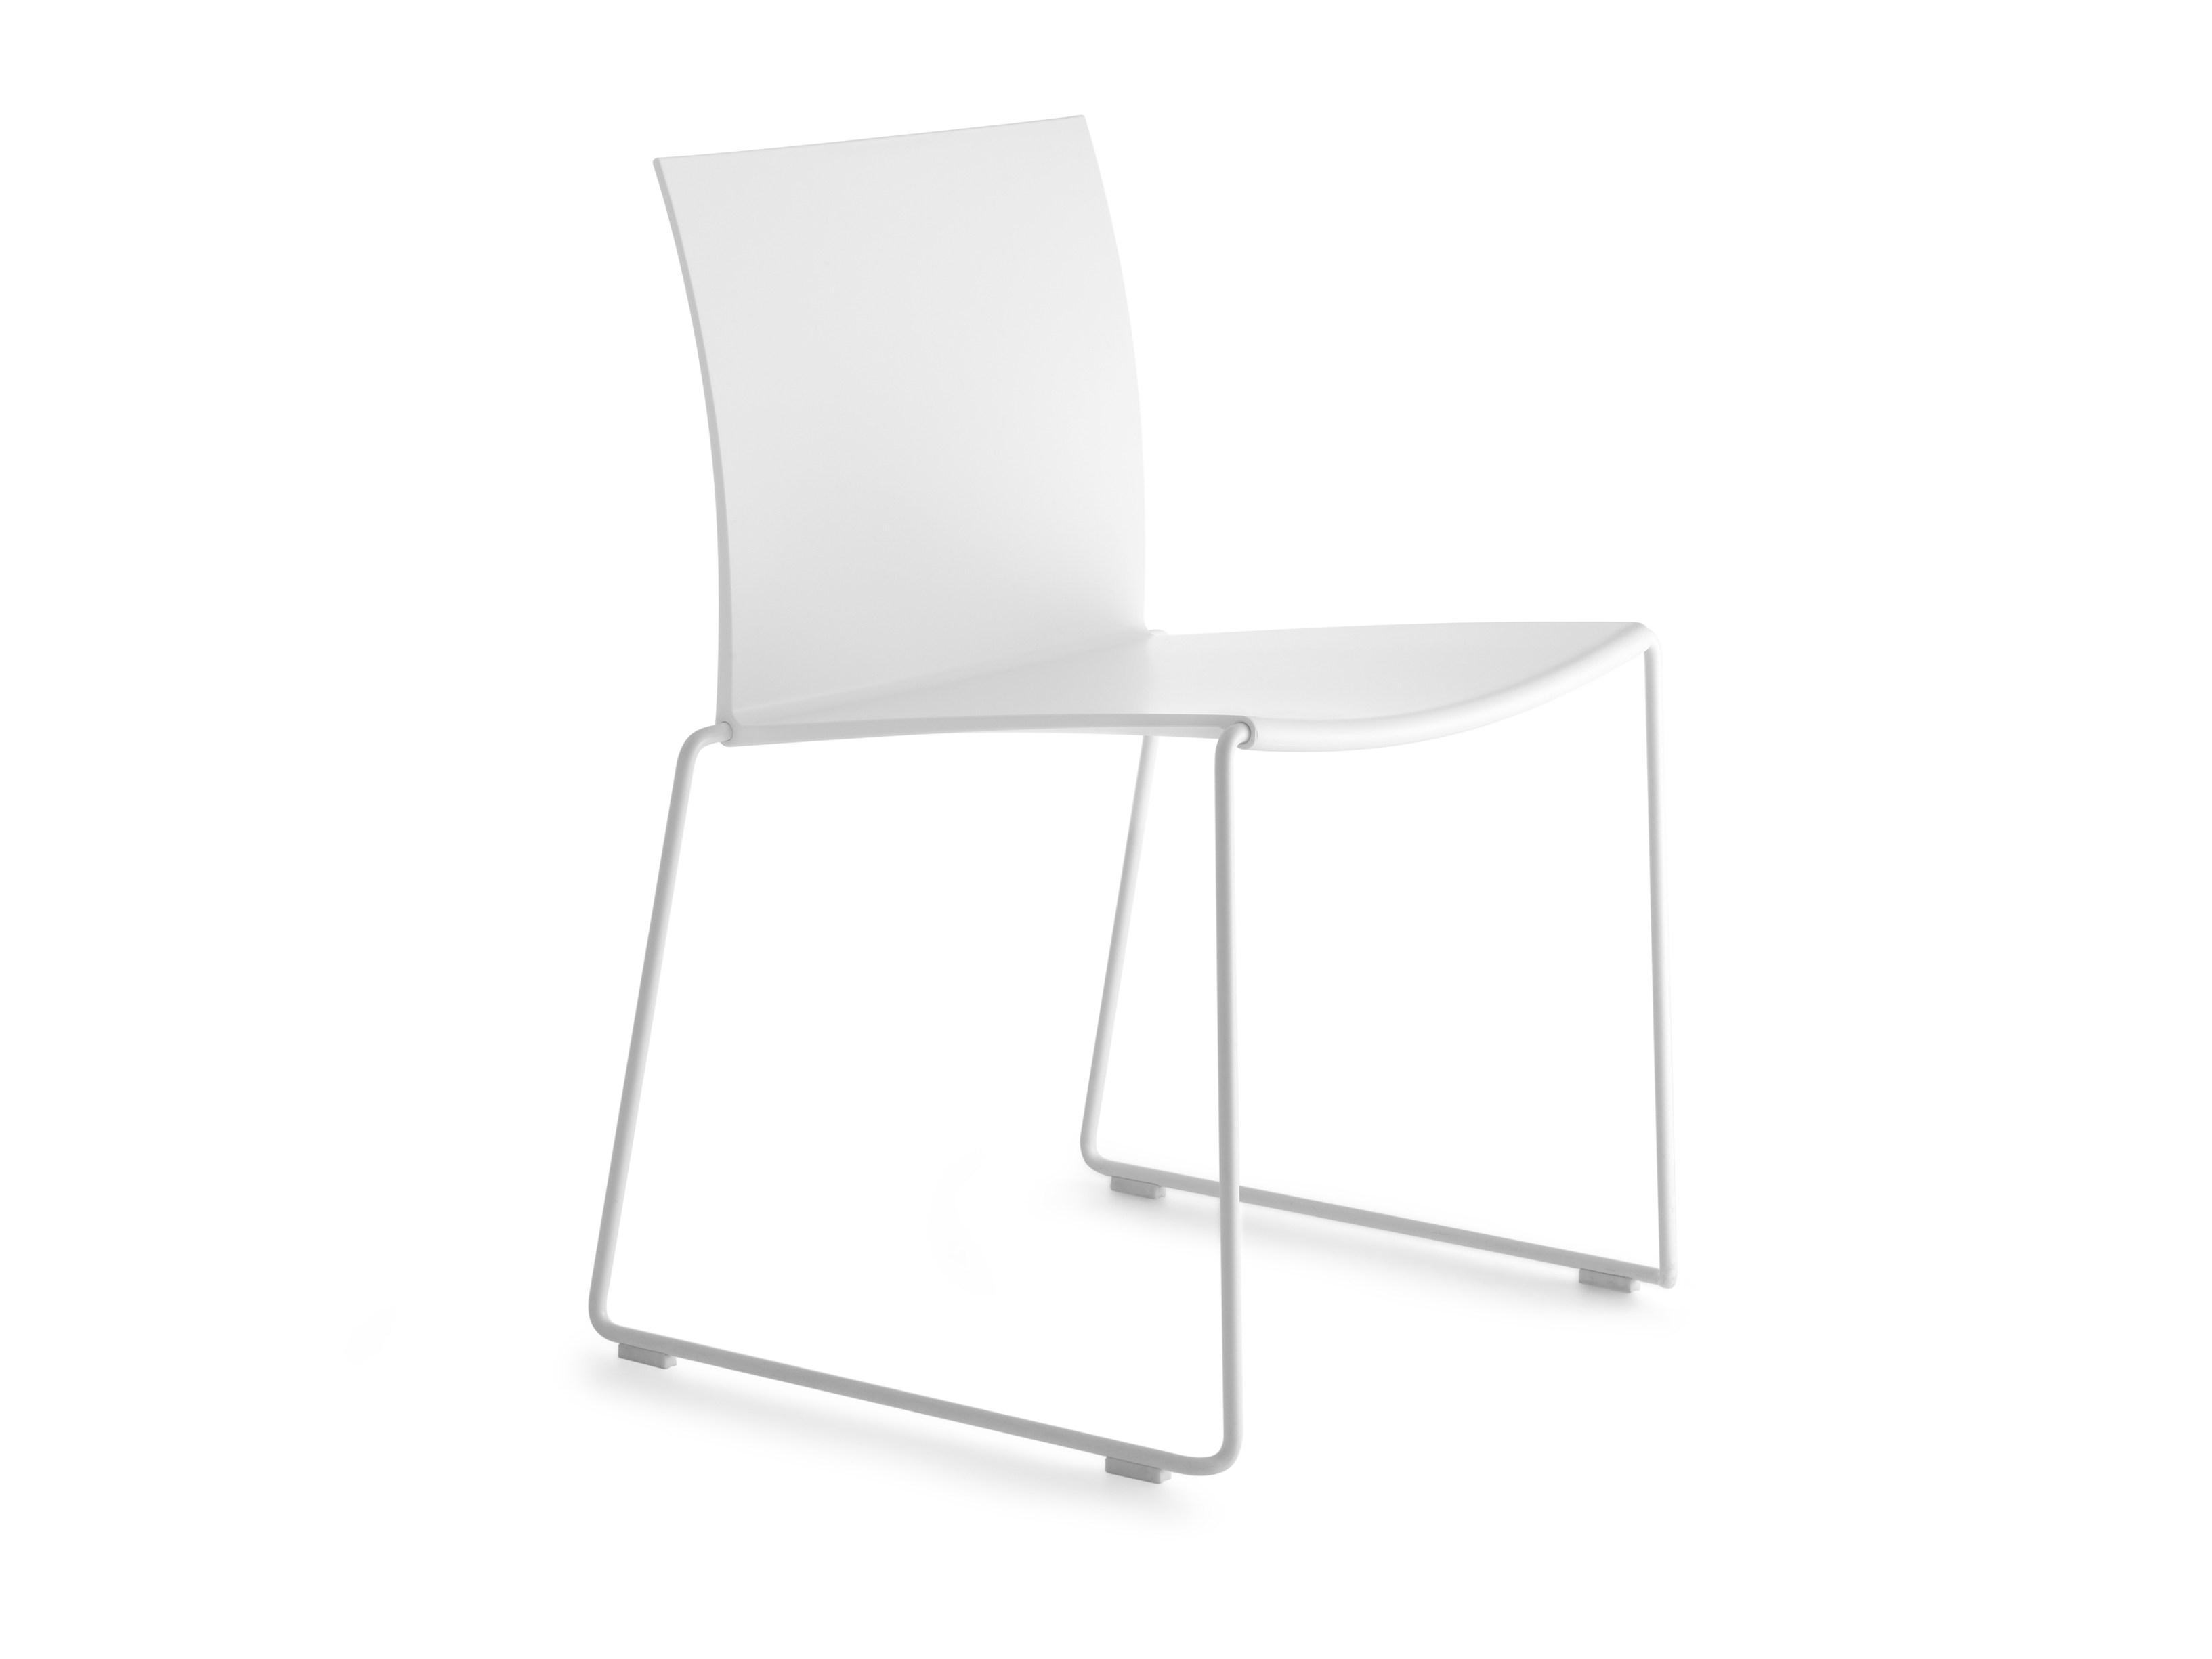 坐具|餐椅|创意家具|现代家居|时尚家具|设计师家具|定制家具|实木家具|M1  餐椅/洽谈椅